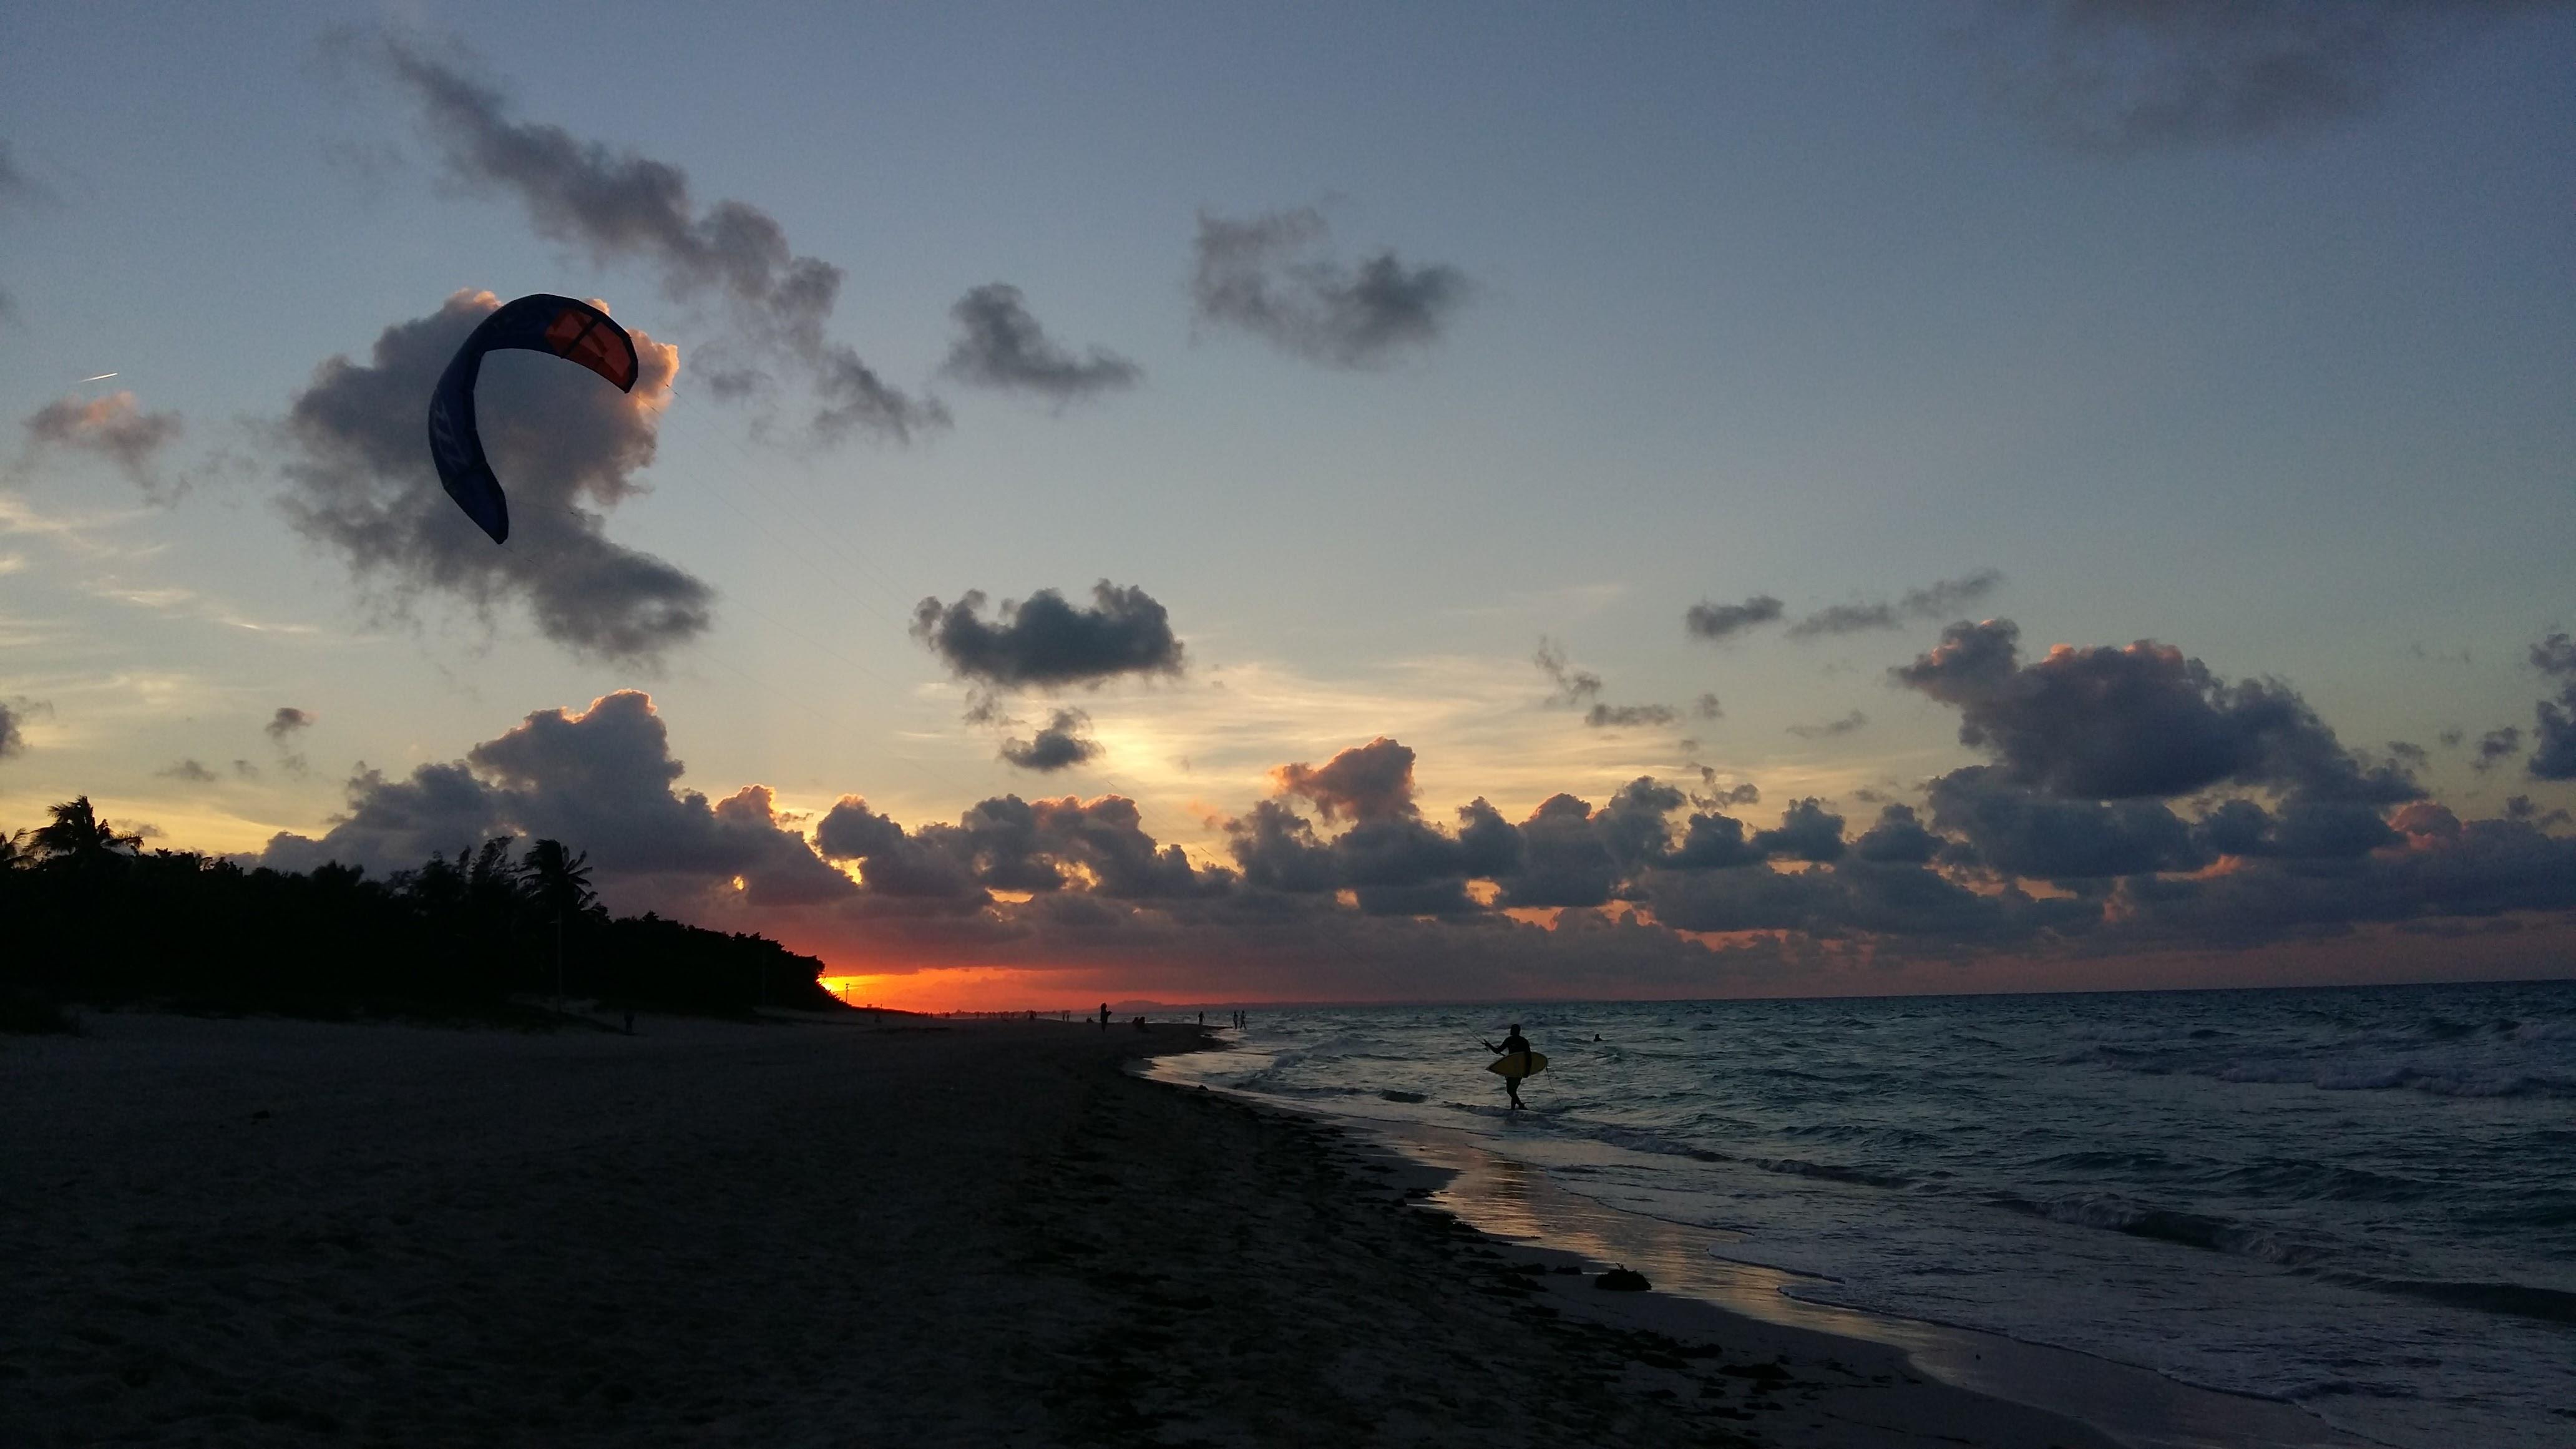 tramonto-varadero-cuba